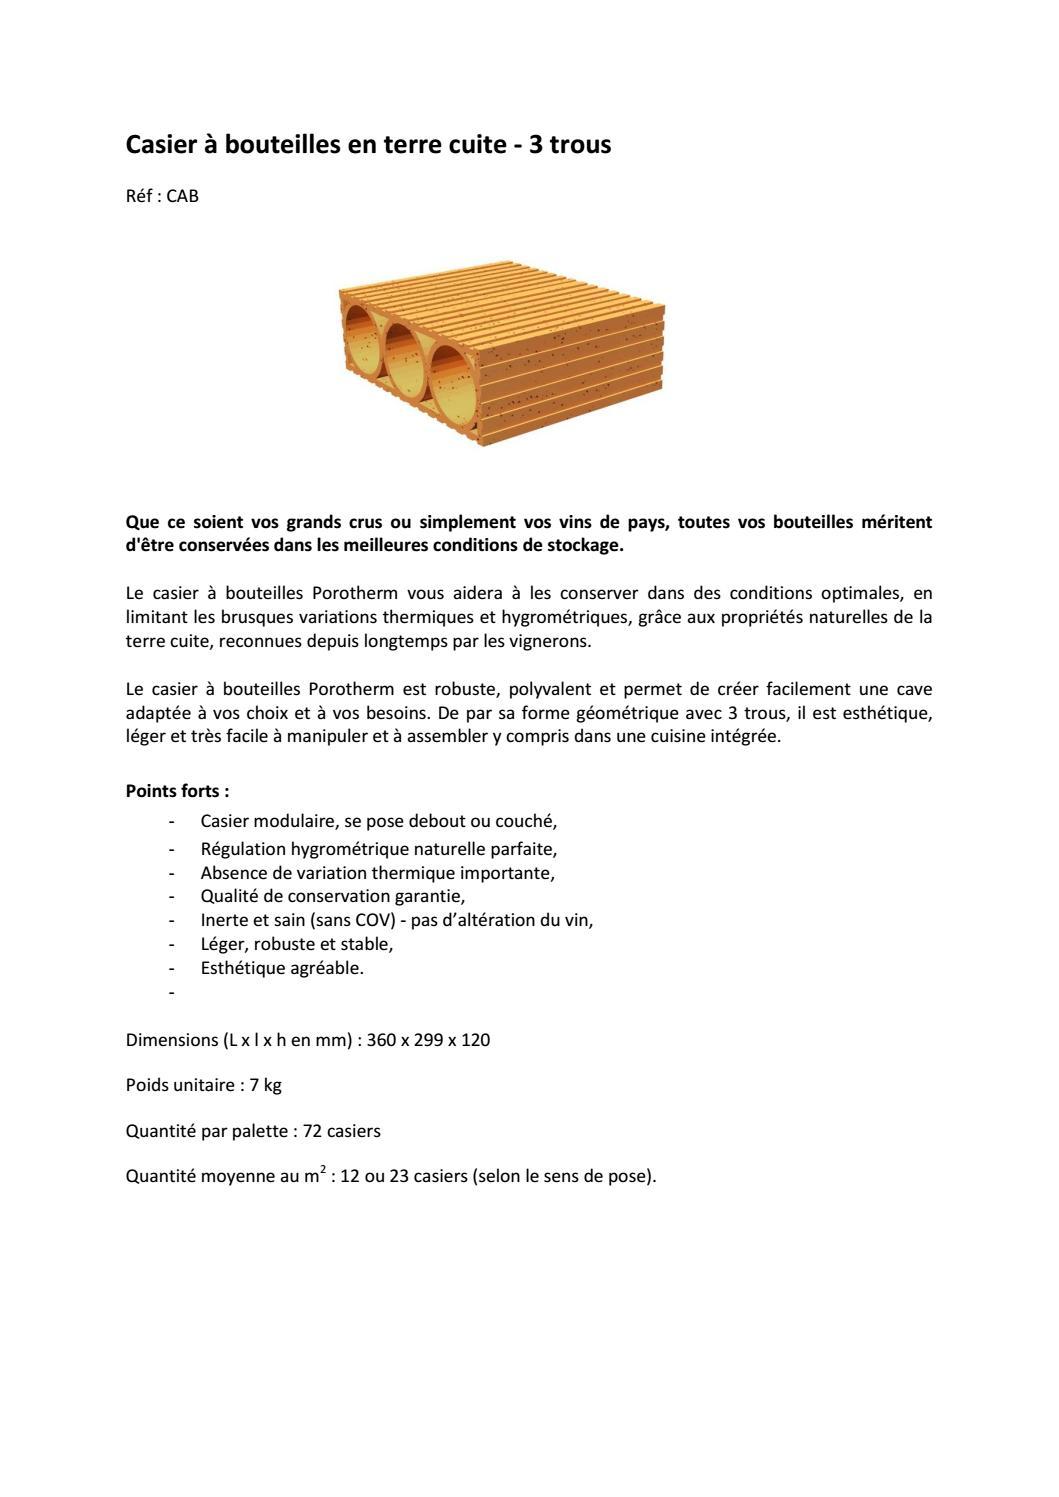 Fiche produit casier bouteille 3 trous porotherm by wienerberger ag issuu - Casier bouteille terre cuite ...